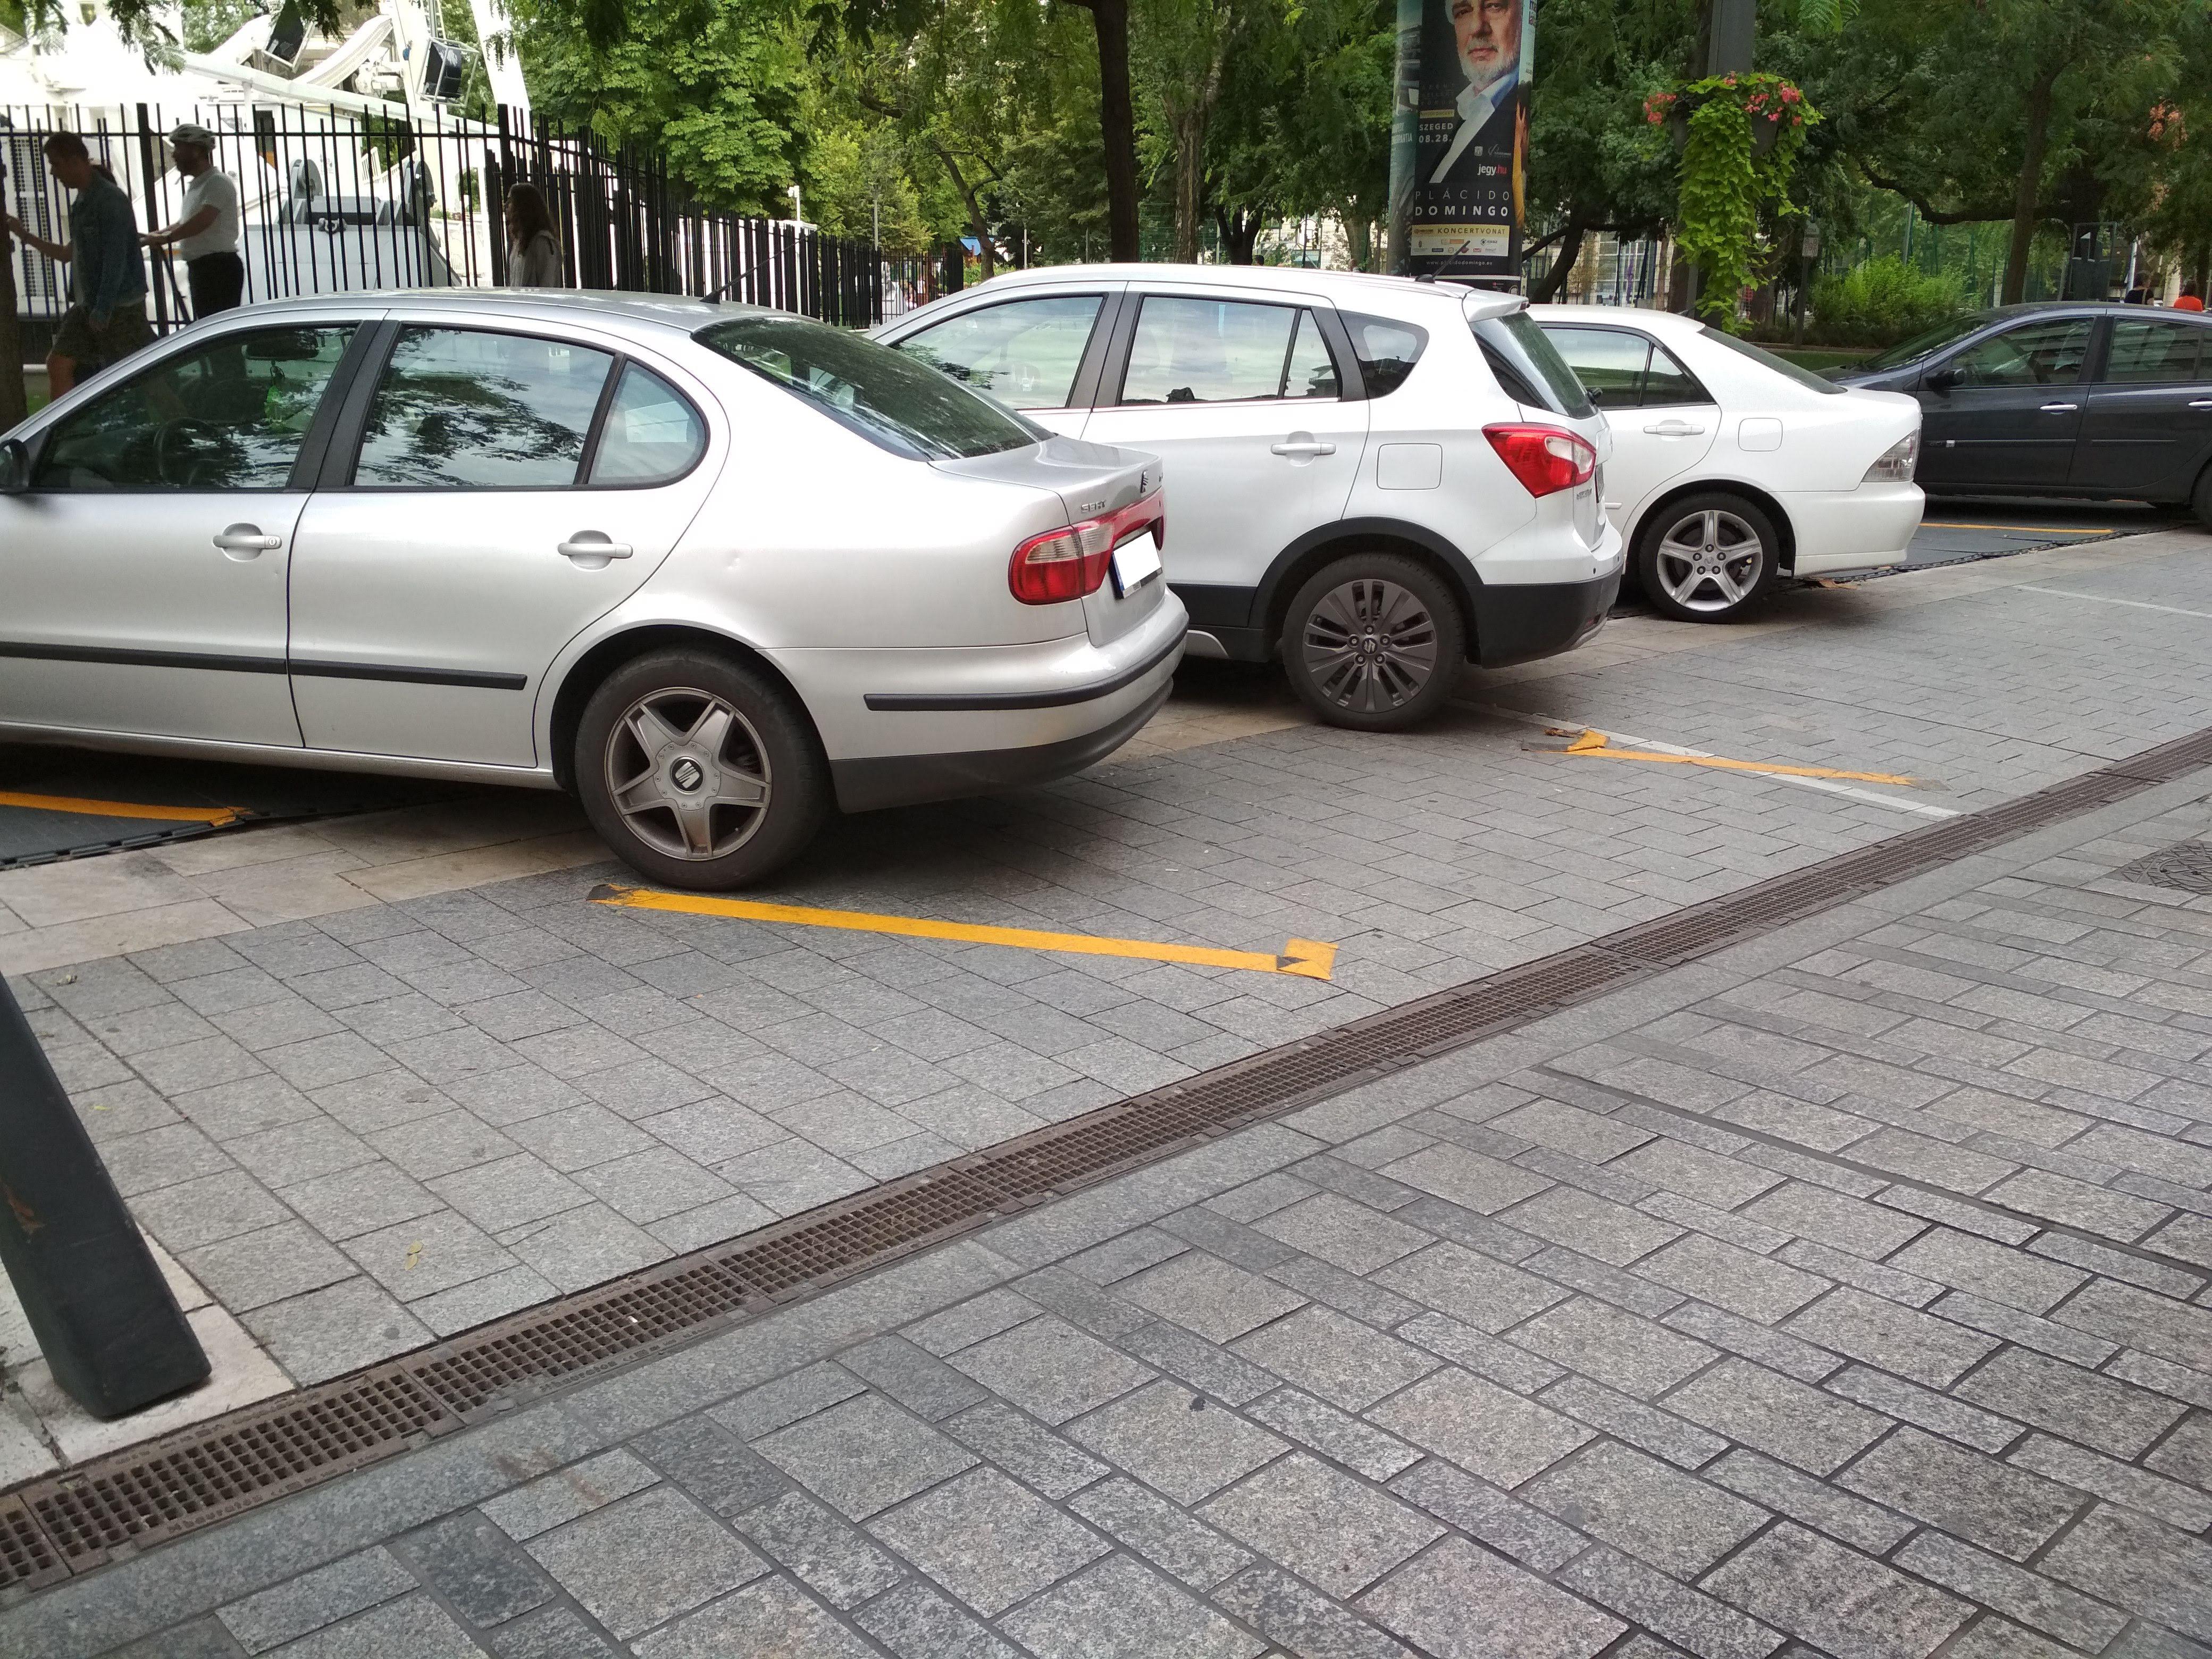 A parkolóhelyeket jelölő sárga szalagok nincsenek túl jó bőrben